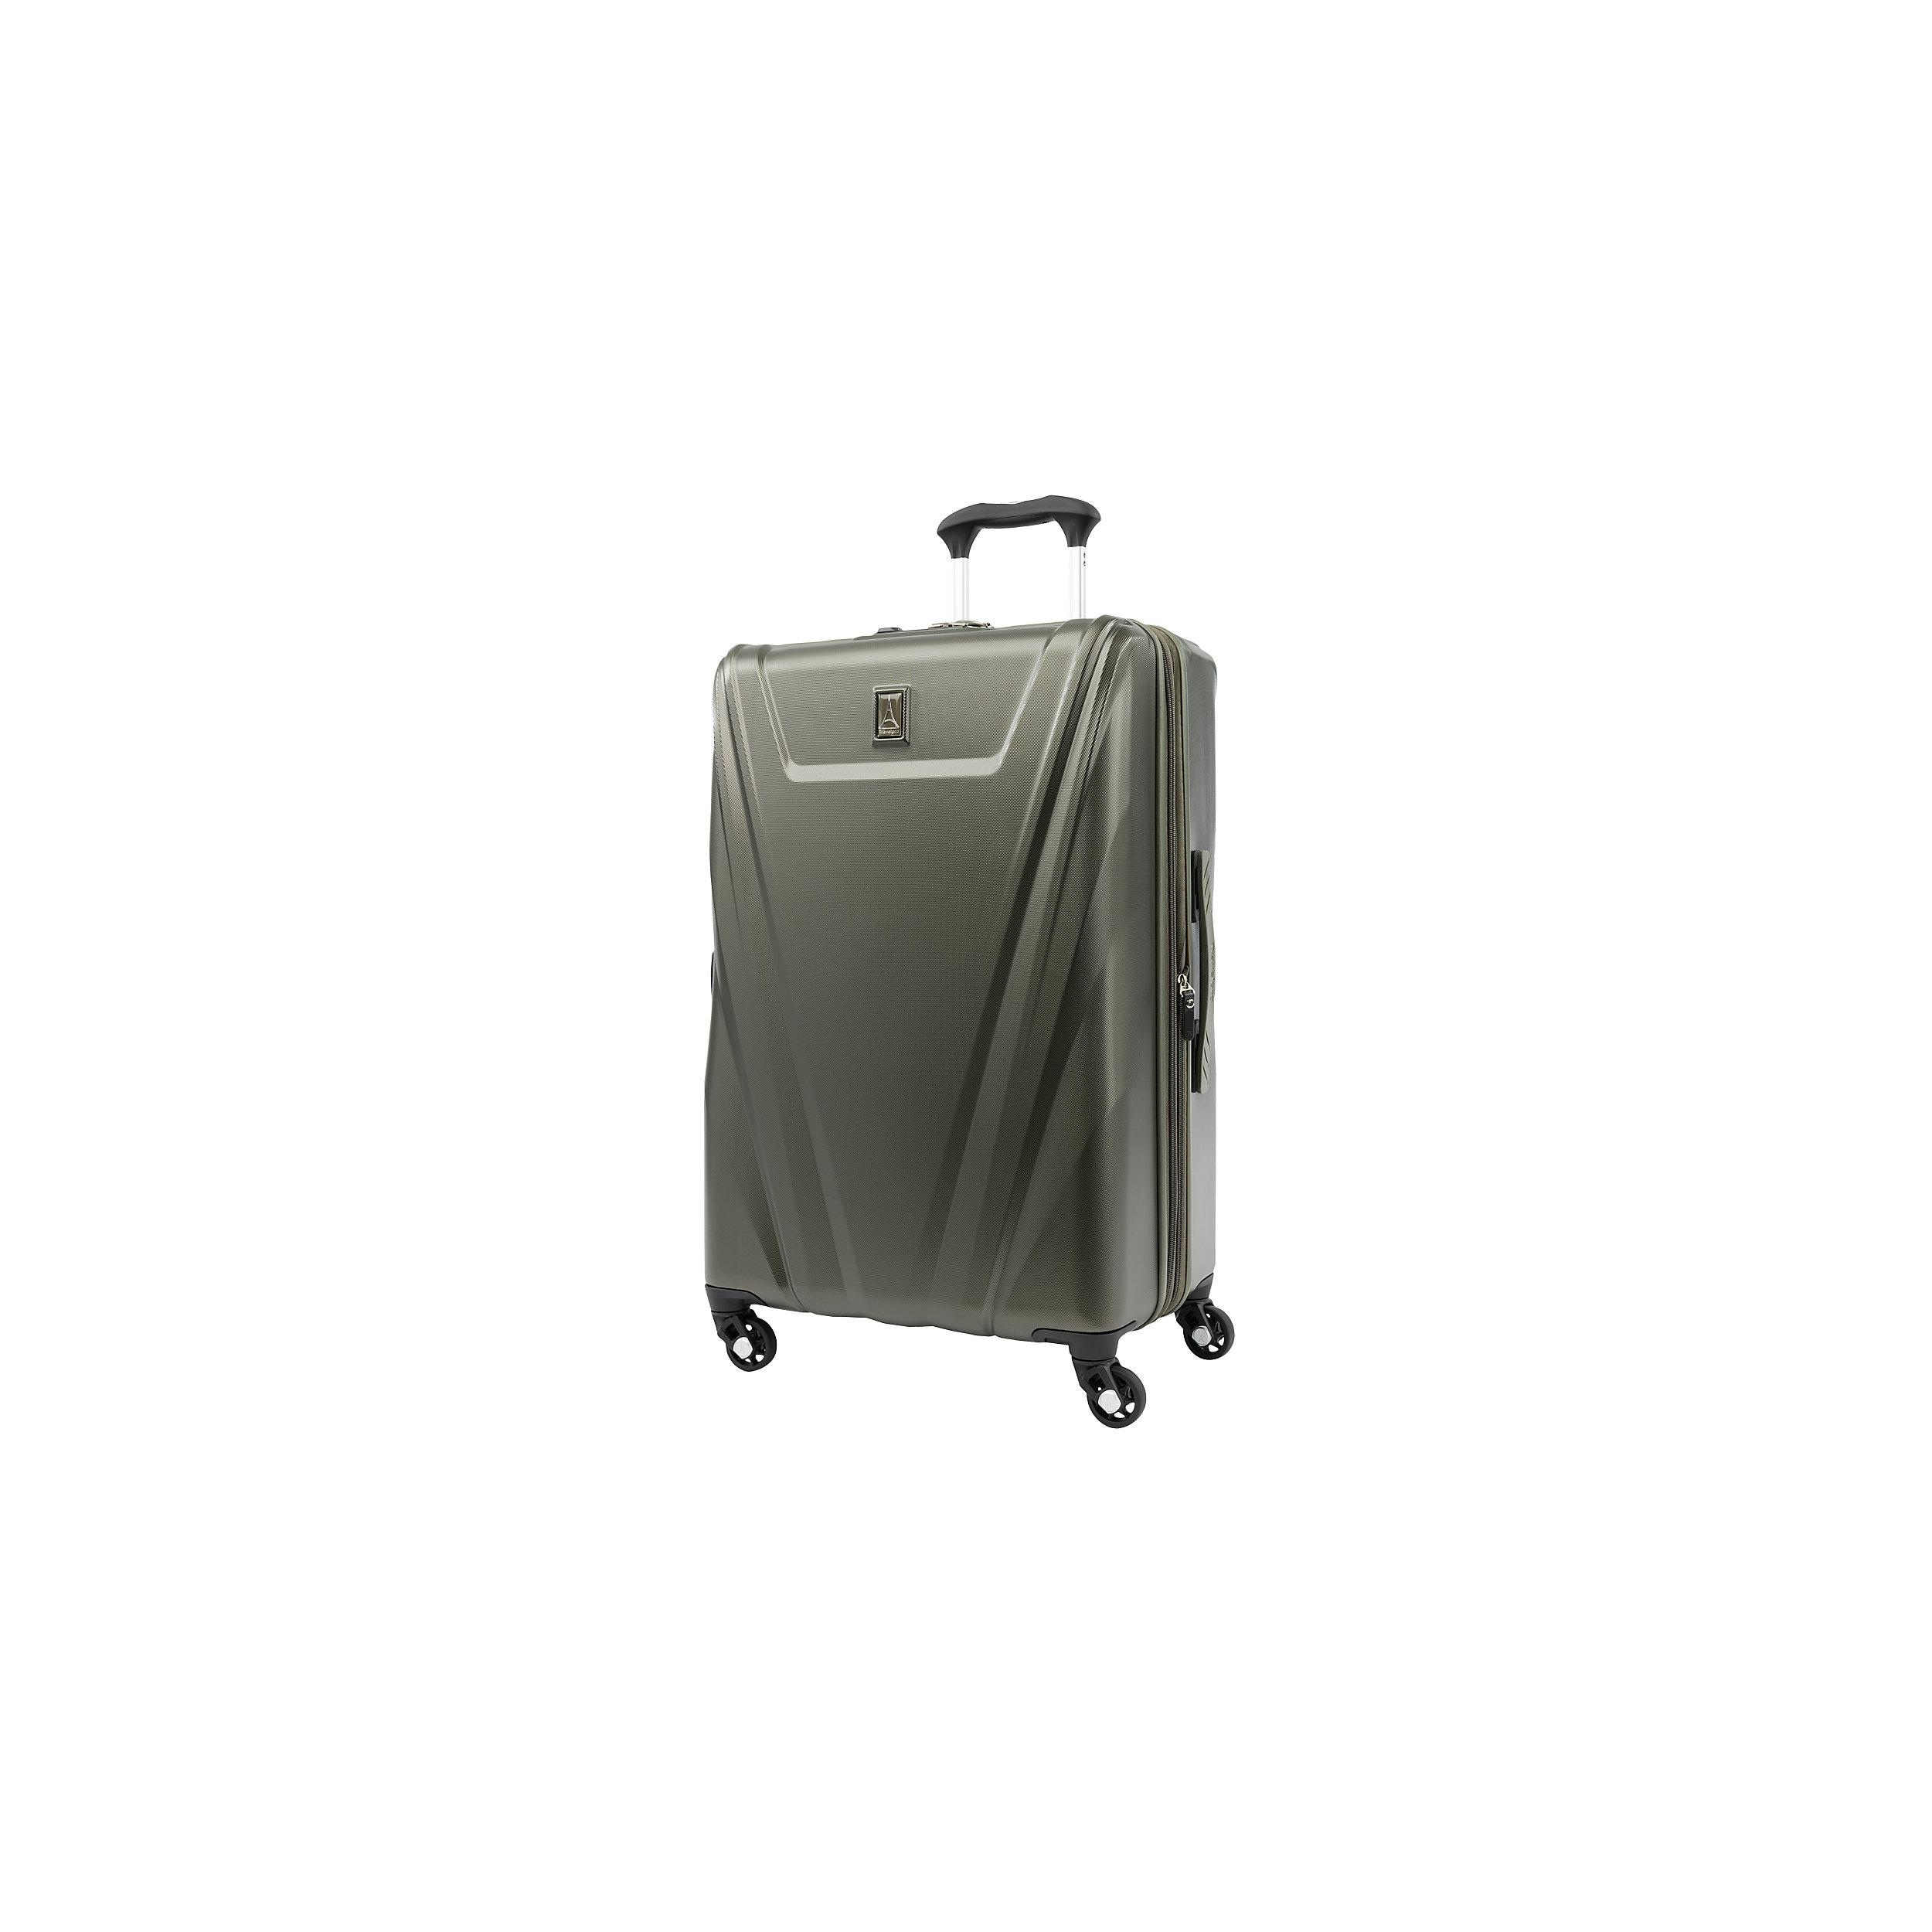 Suitcase with 4 wheels 69 cm Expandable Hardside Maxlite 5 Medium 89 Liter